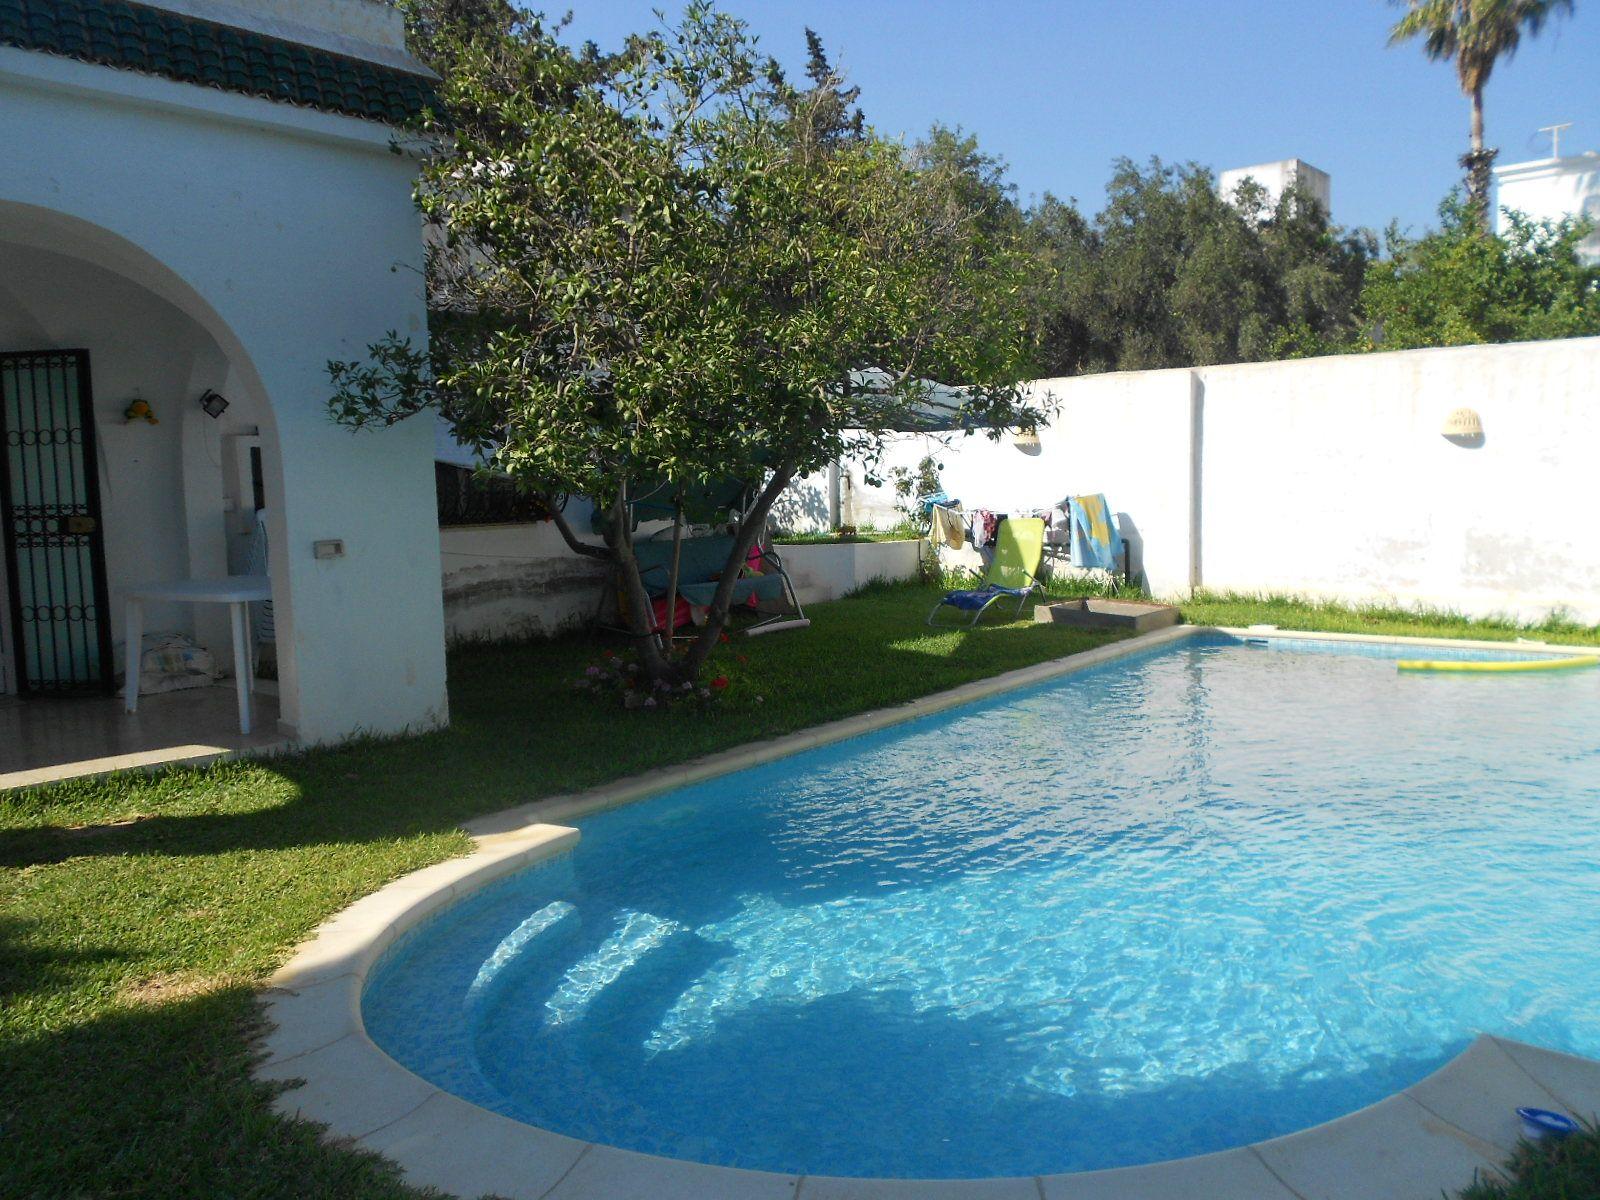 Al villa avec piscine hammamet nord location villa - Location villa hammamet avec piscine ...